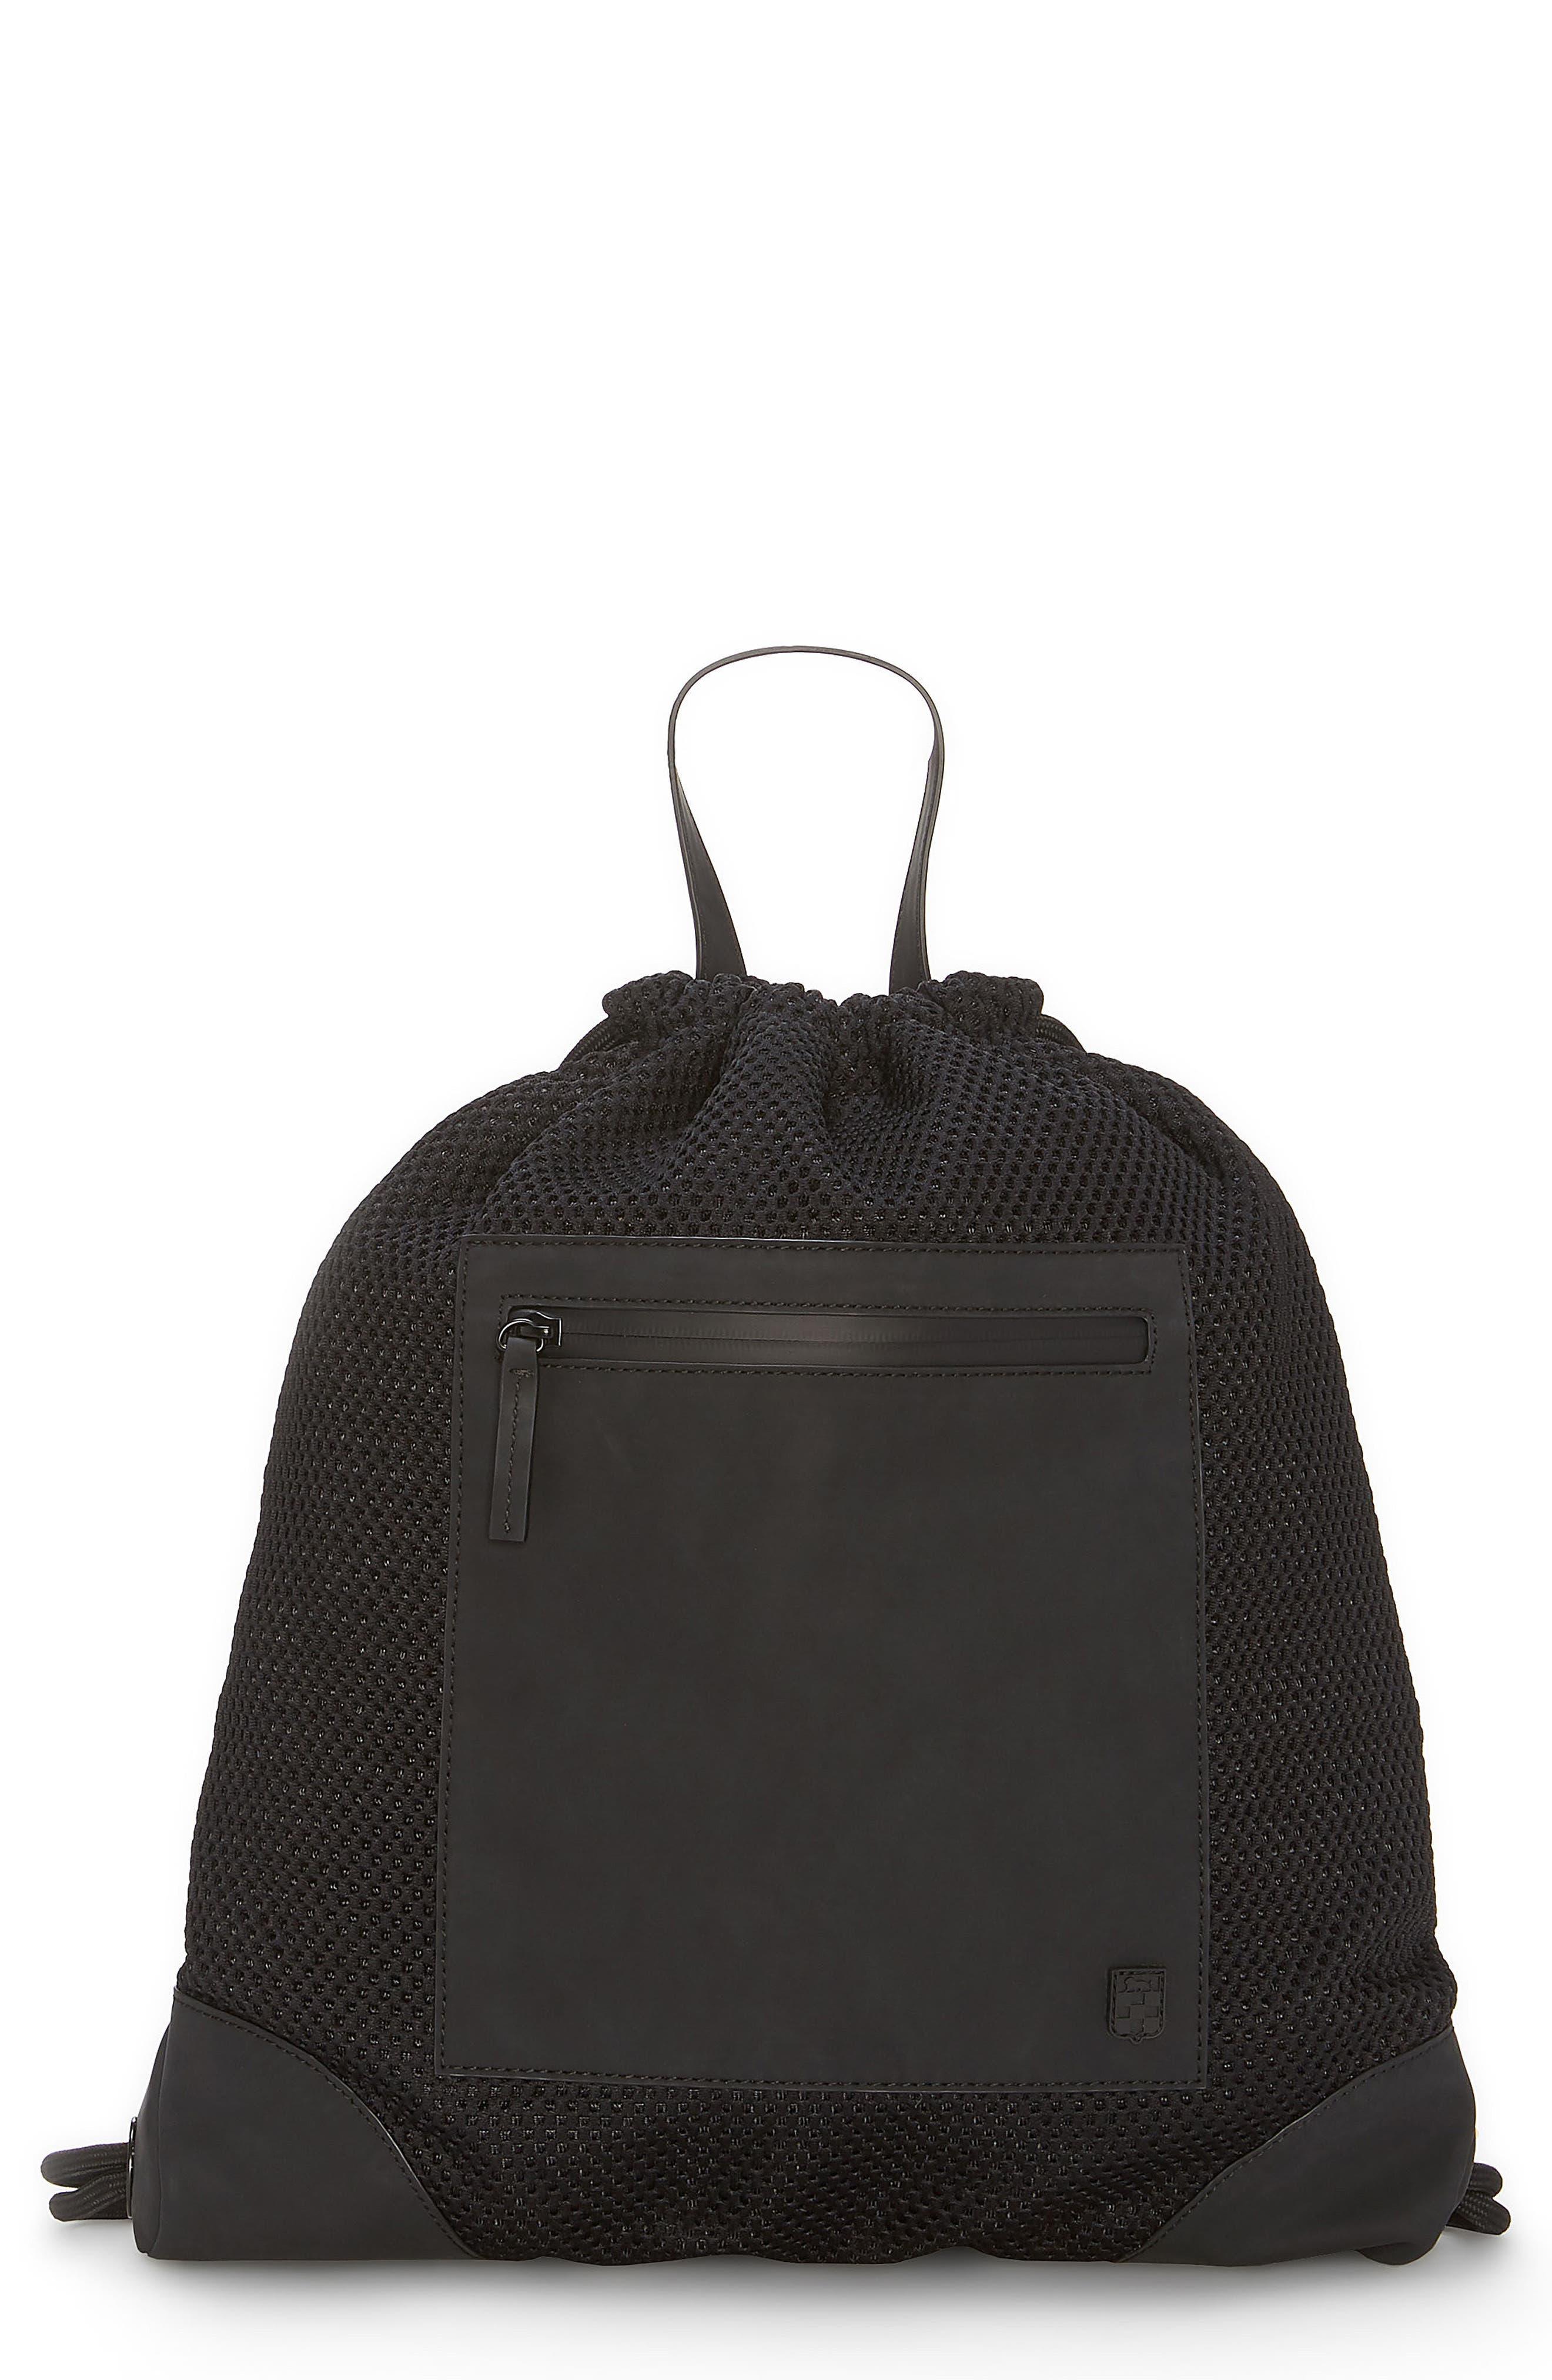 Urban Mesh Backpack,                         Main,                         color, BLACK